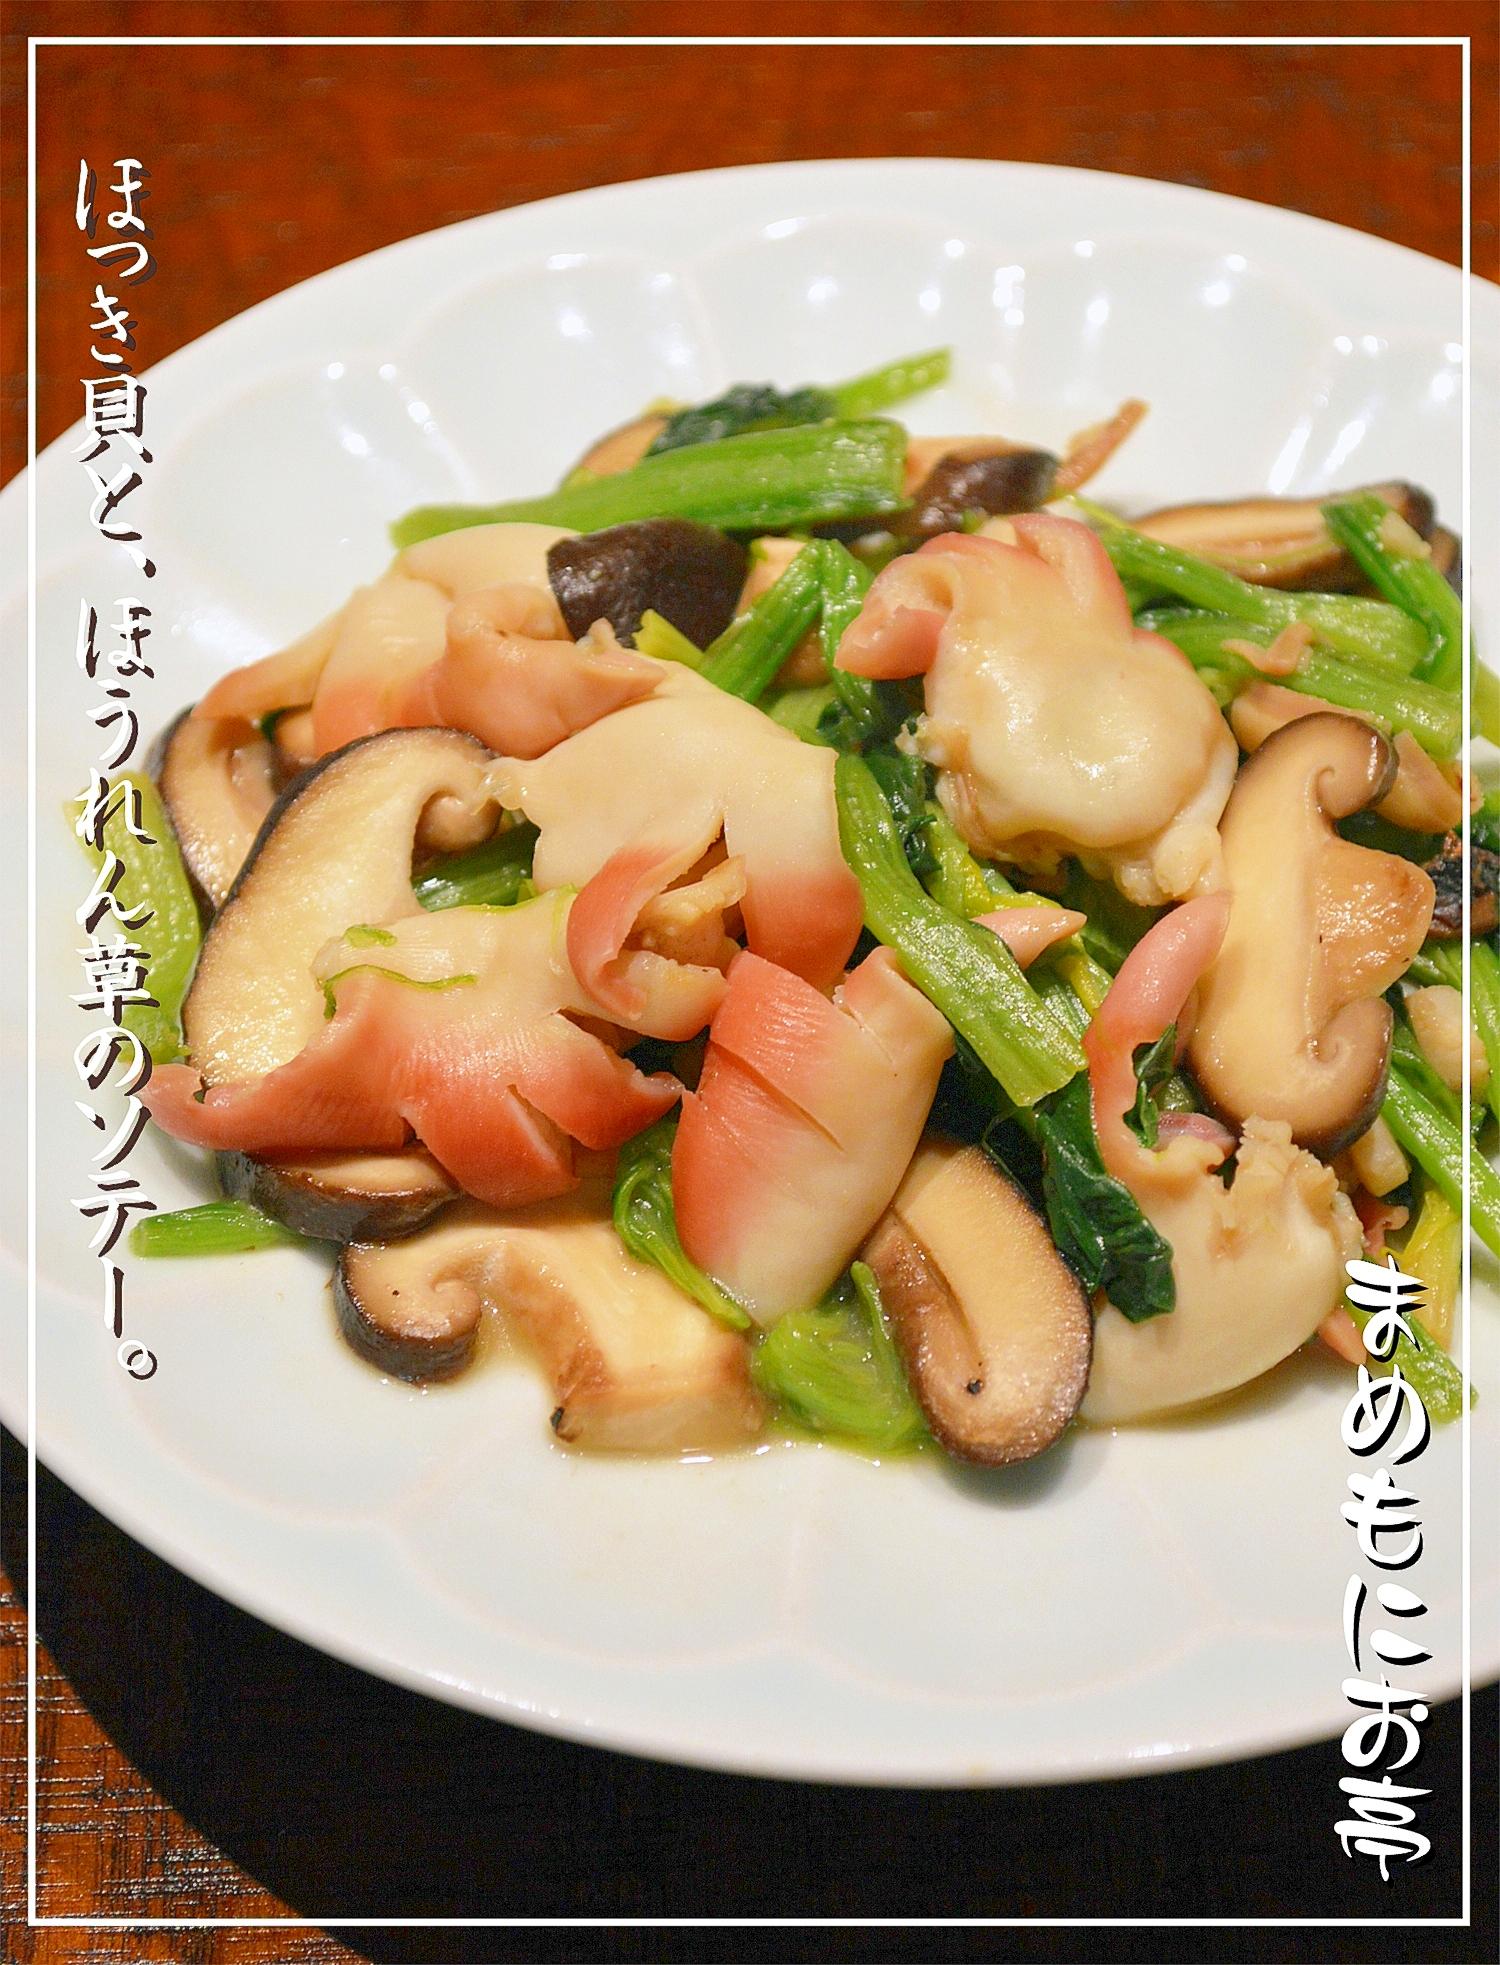 小料理屋の味♪ホッキ貝とほうれん草のソテー